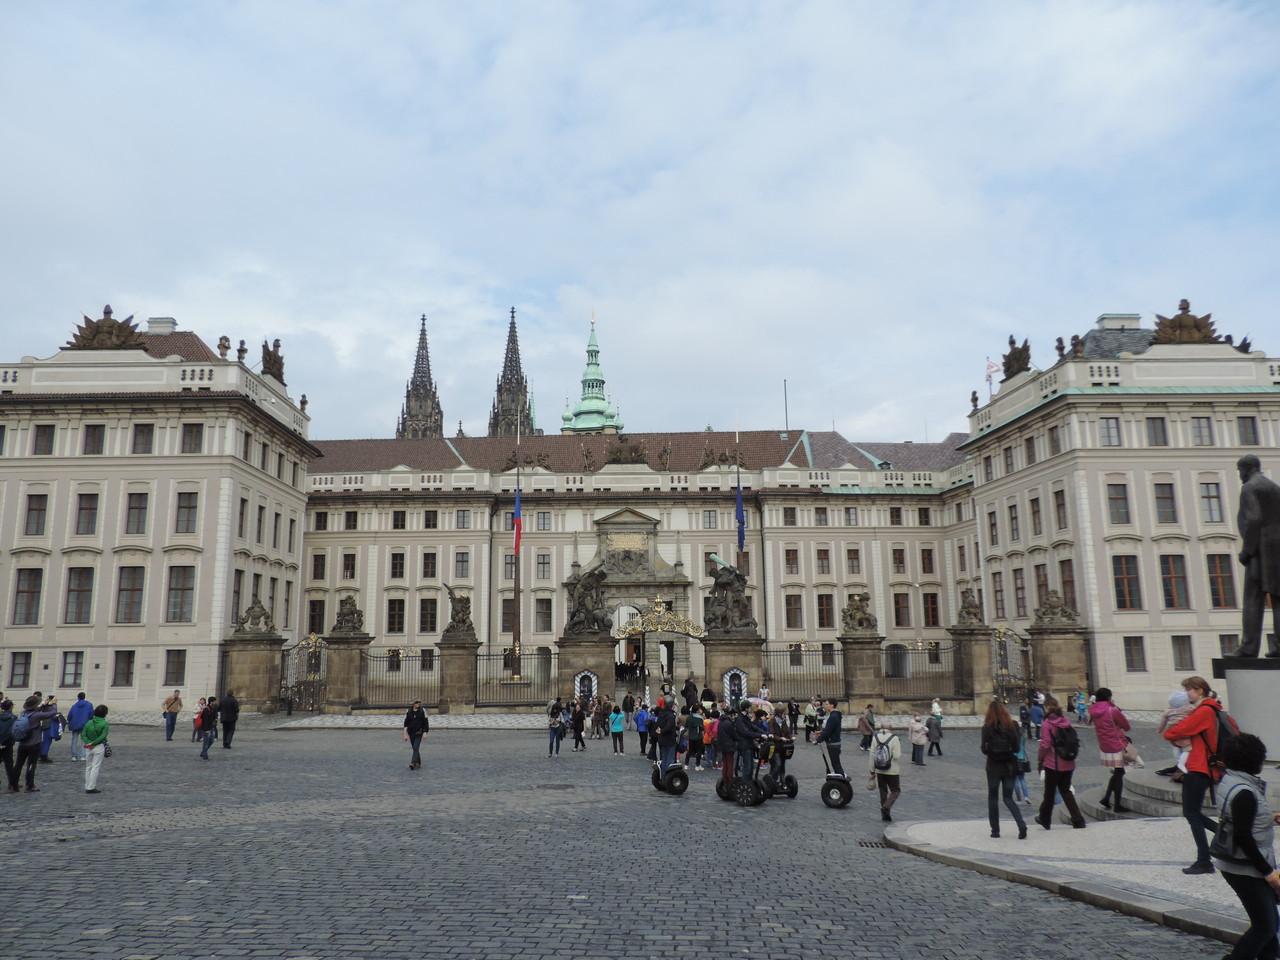 Der erste Burghof der Schlossanlage